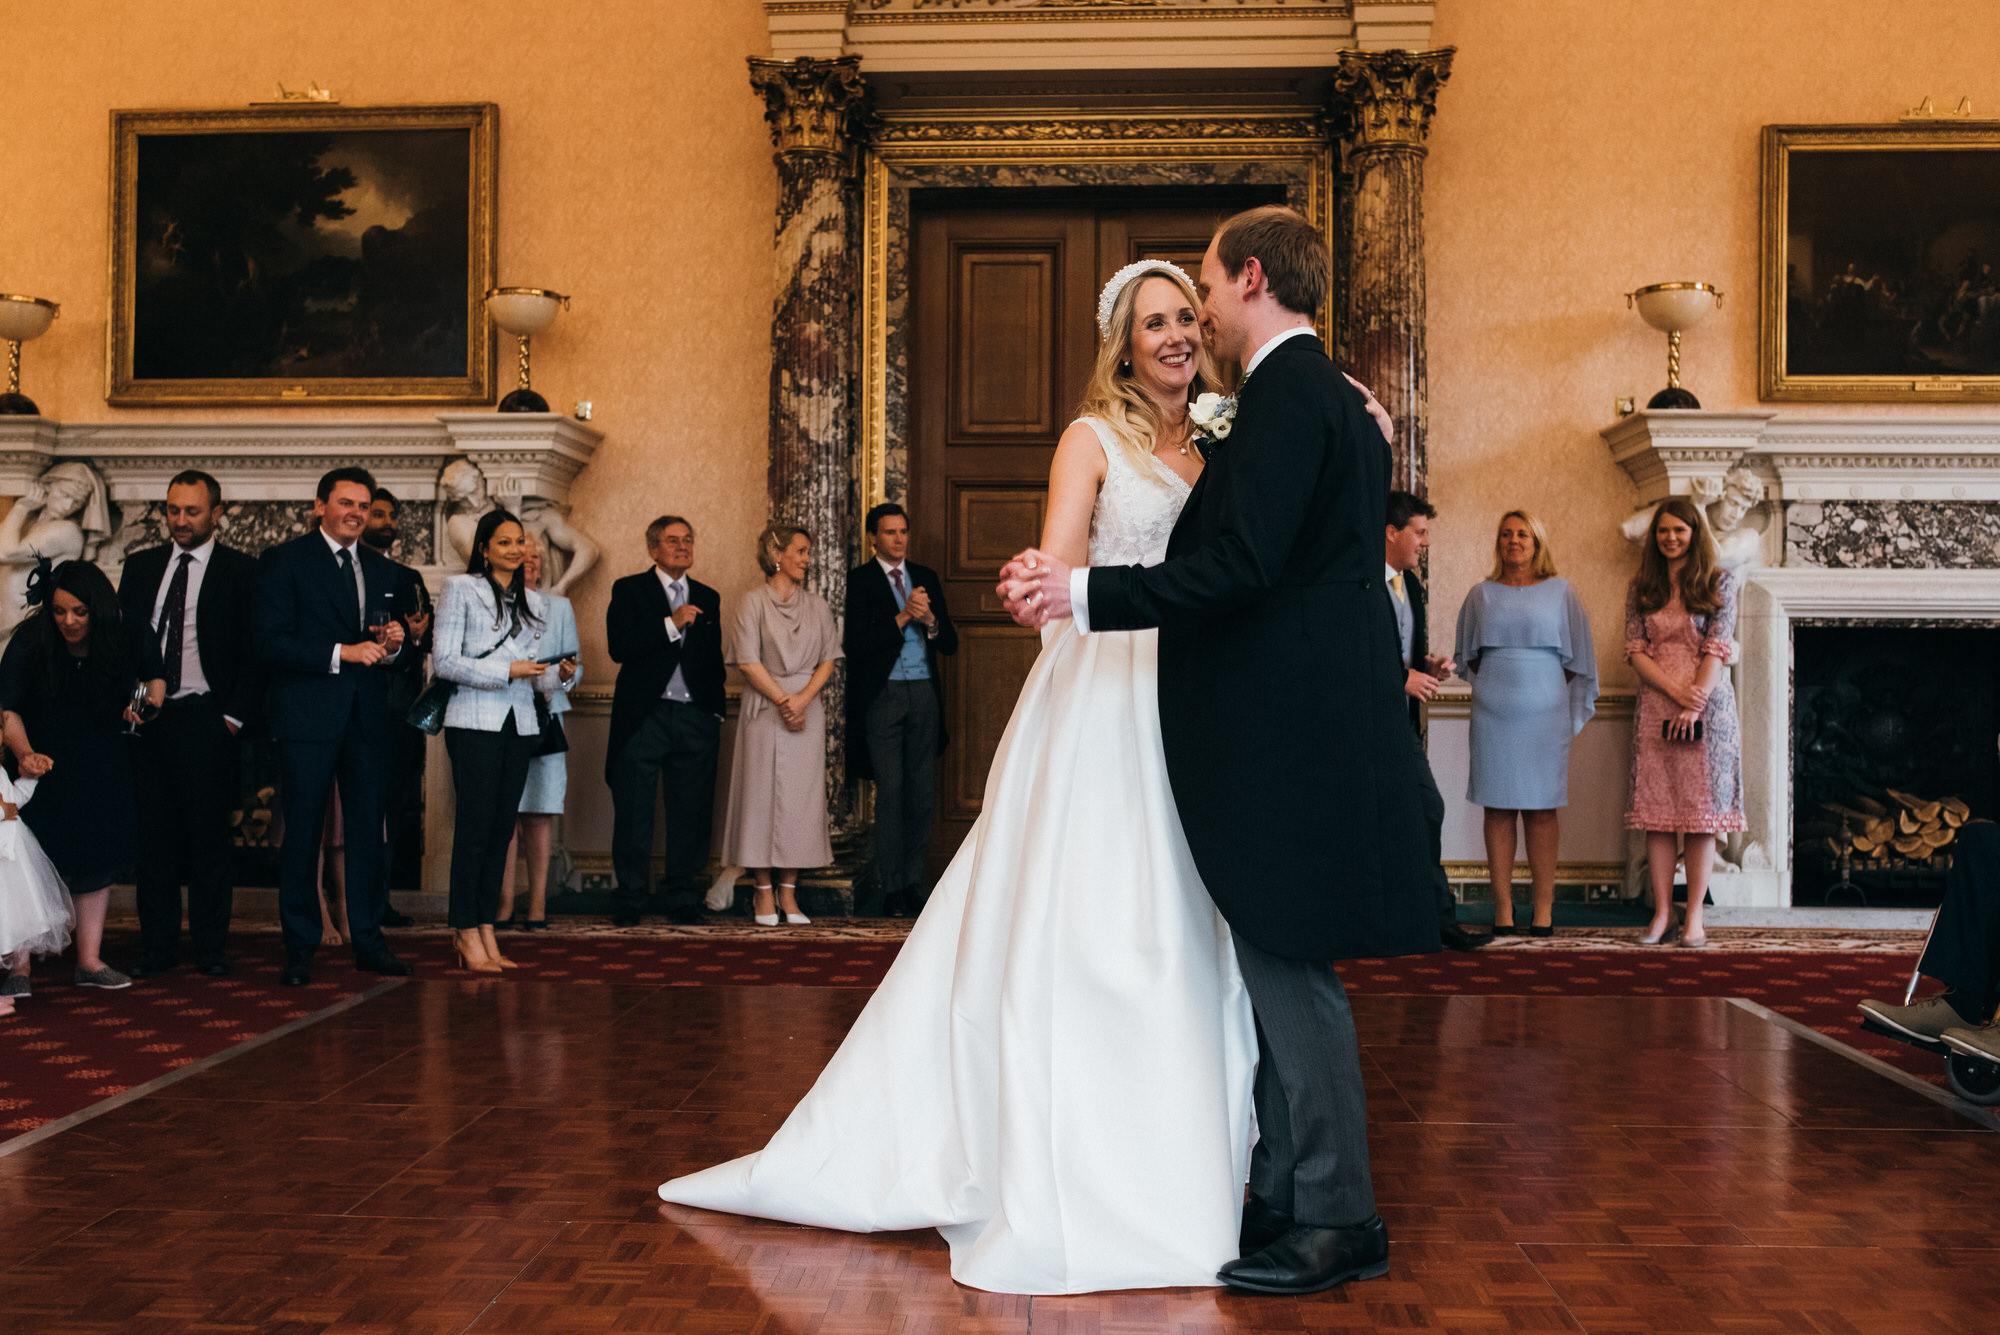 Ashridge house wedding photographer 51